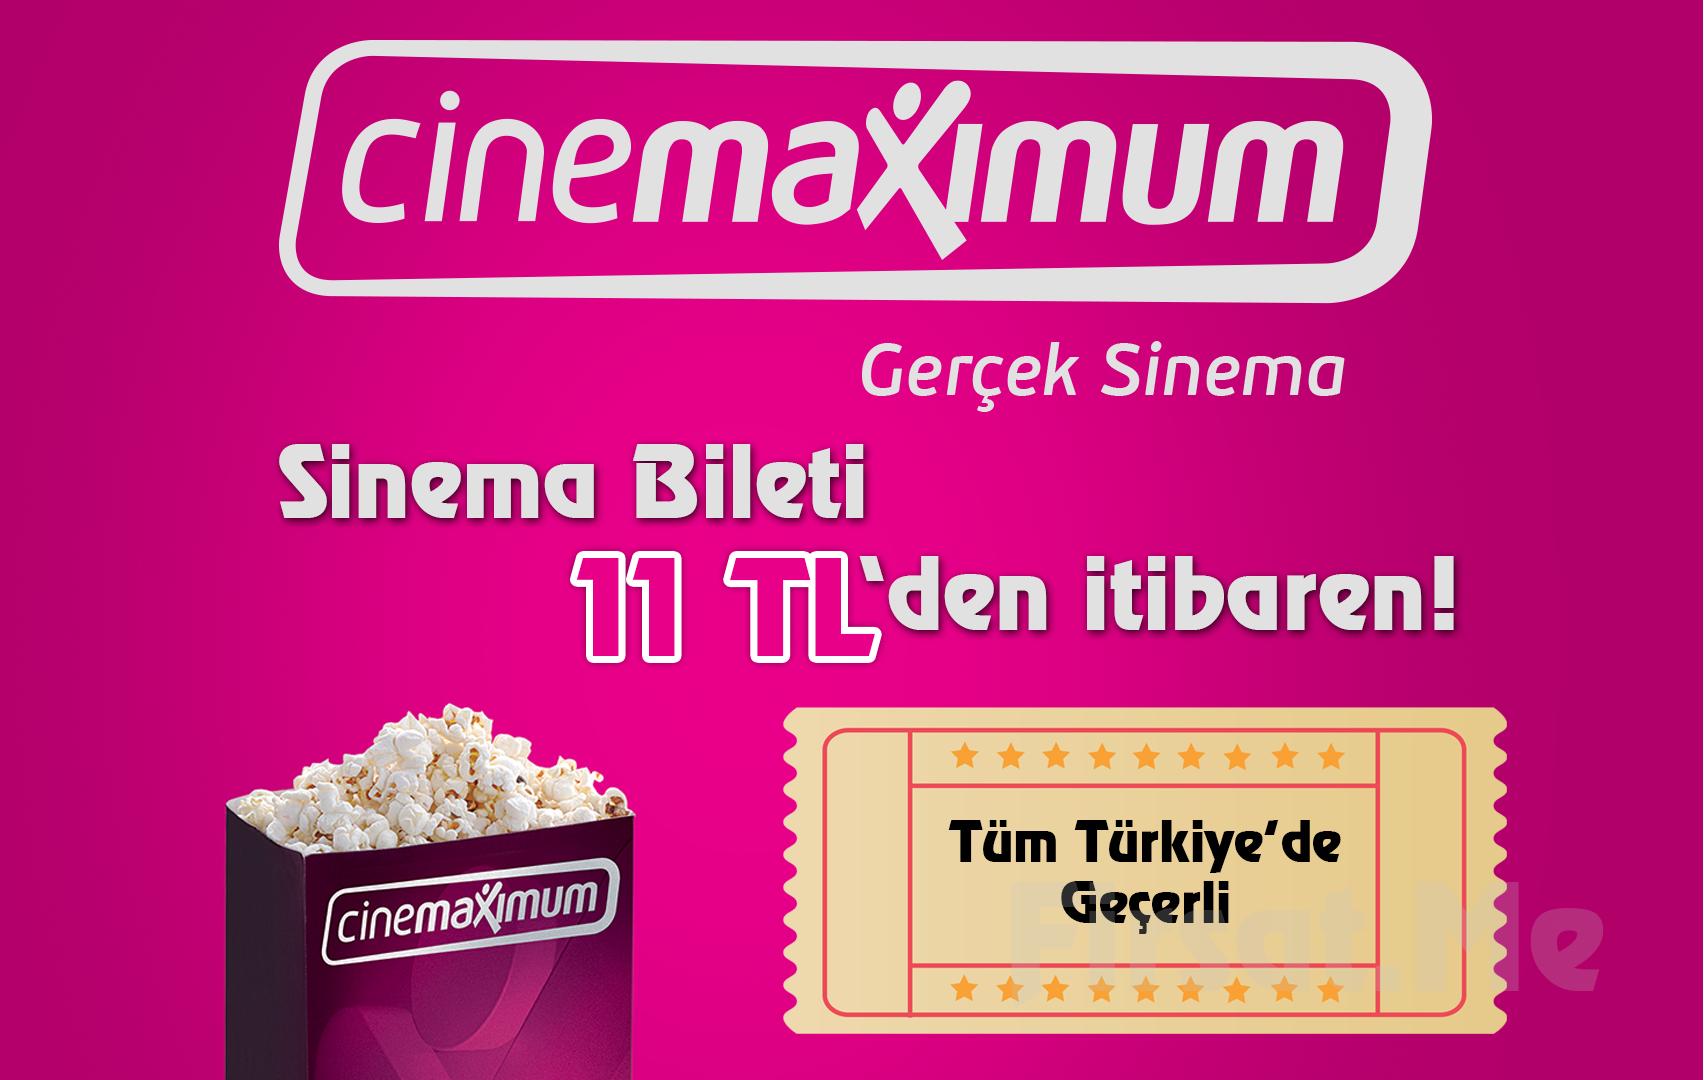 Mersin kipa sinema bilet al